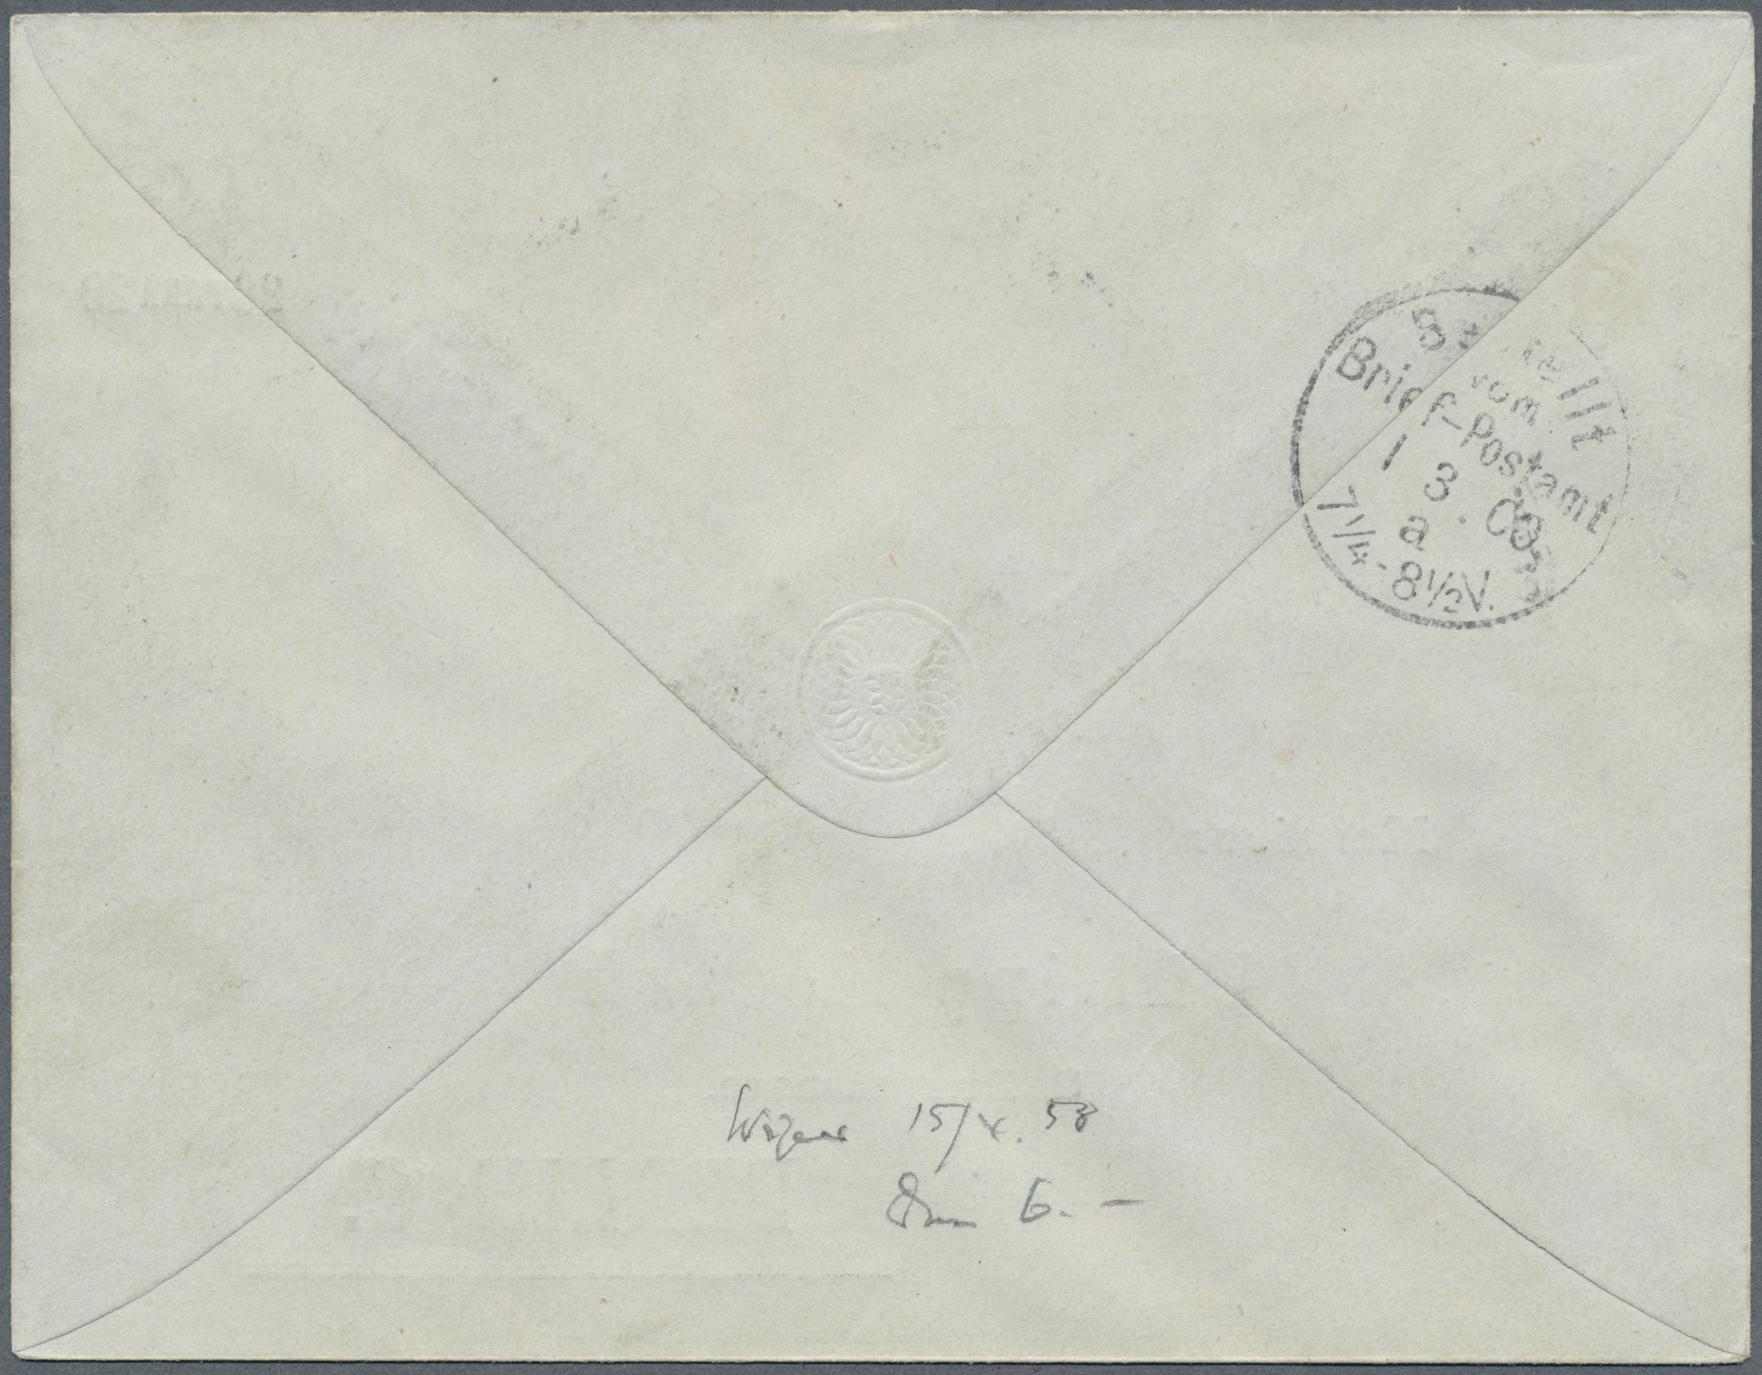 Lot 18540 - Deutsche Post in der Türkei - Ganzsachen  -  Auktionshaus Christoph Gärtner GmbH & Co. KG Auction #40 Germany, Picture Post Cards, Collections Overseas, Thematics